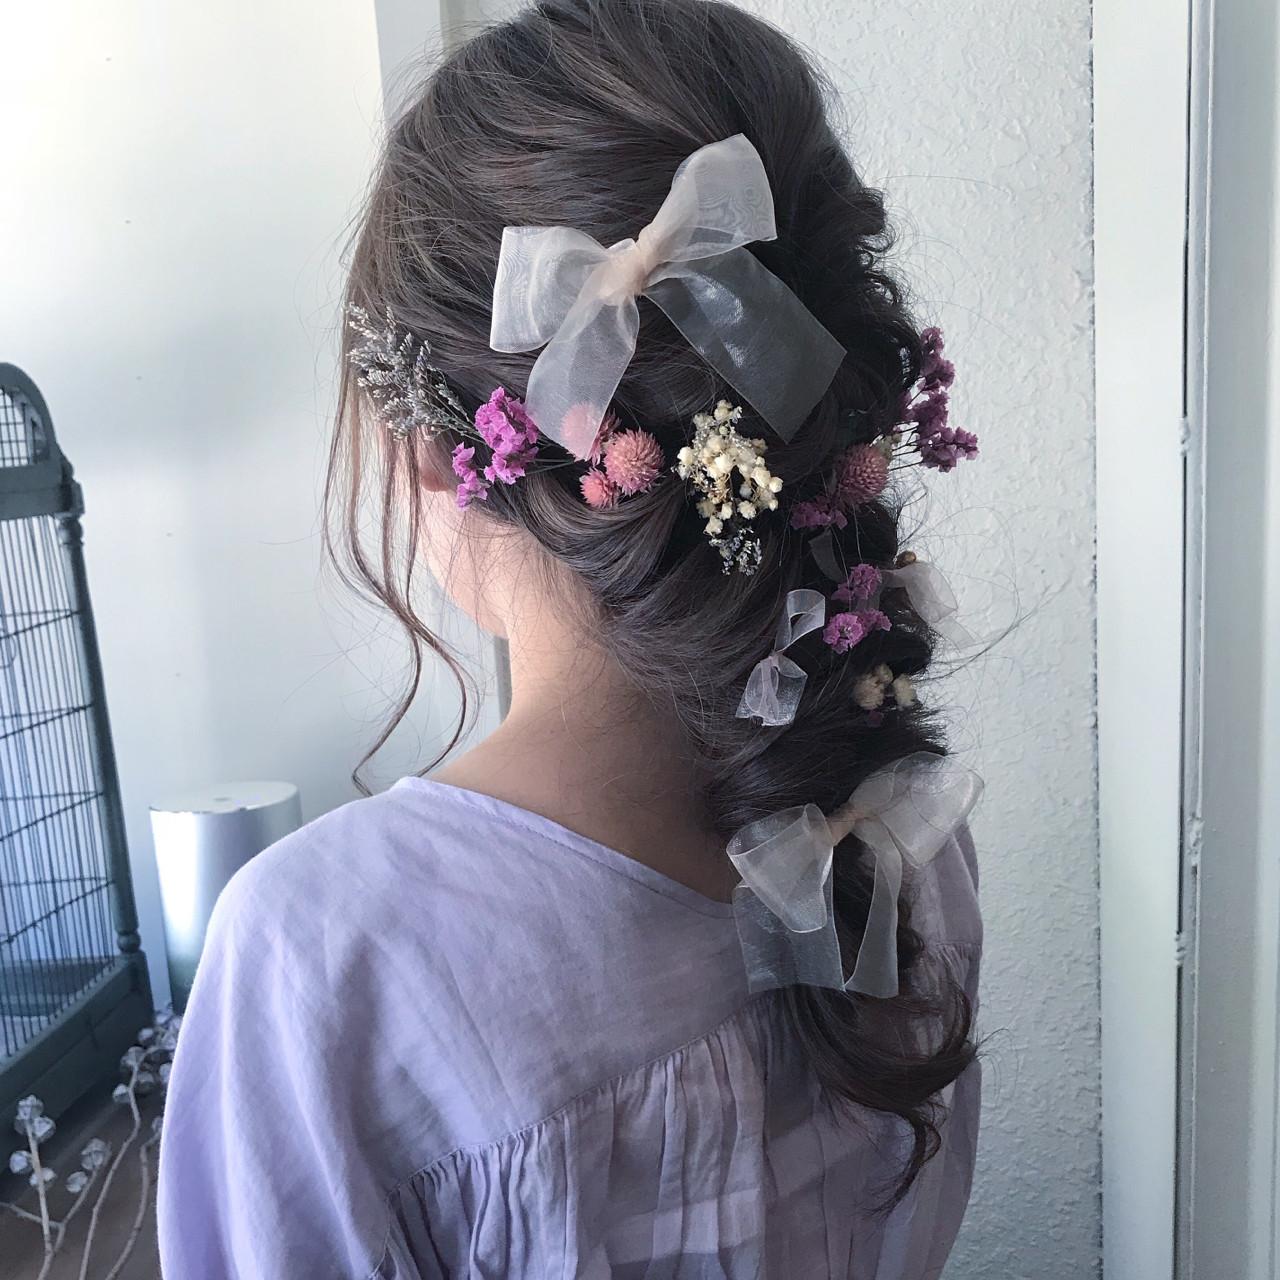 ヘアアレンジ 編み込み ガーリー 花嫁 ヘアスタイルや髪型の写真・画像